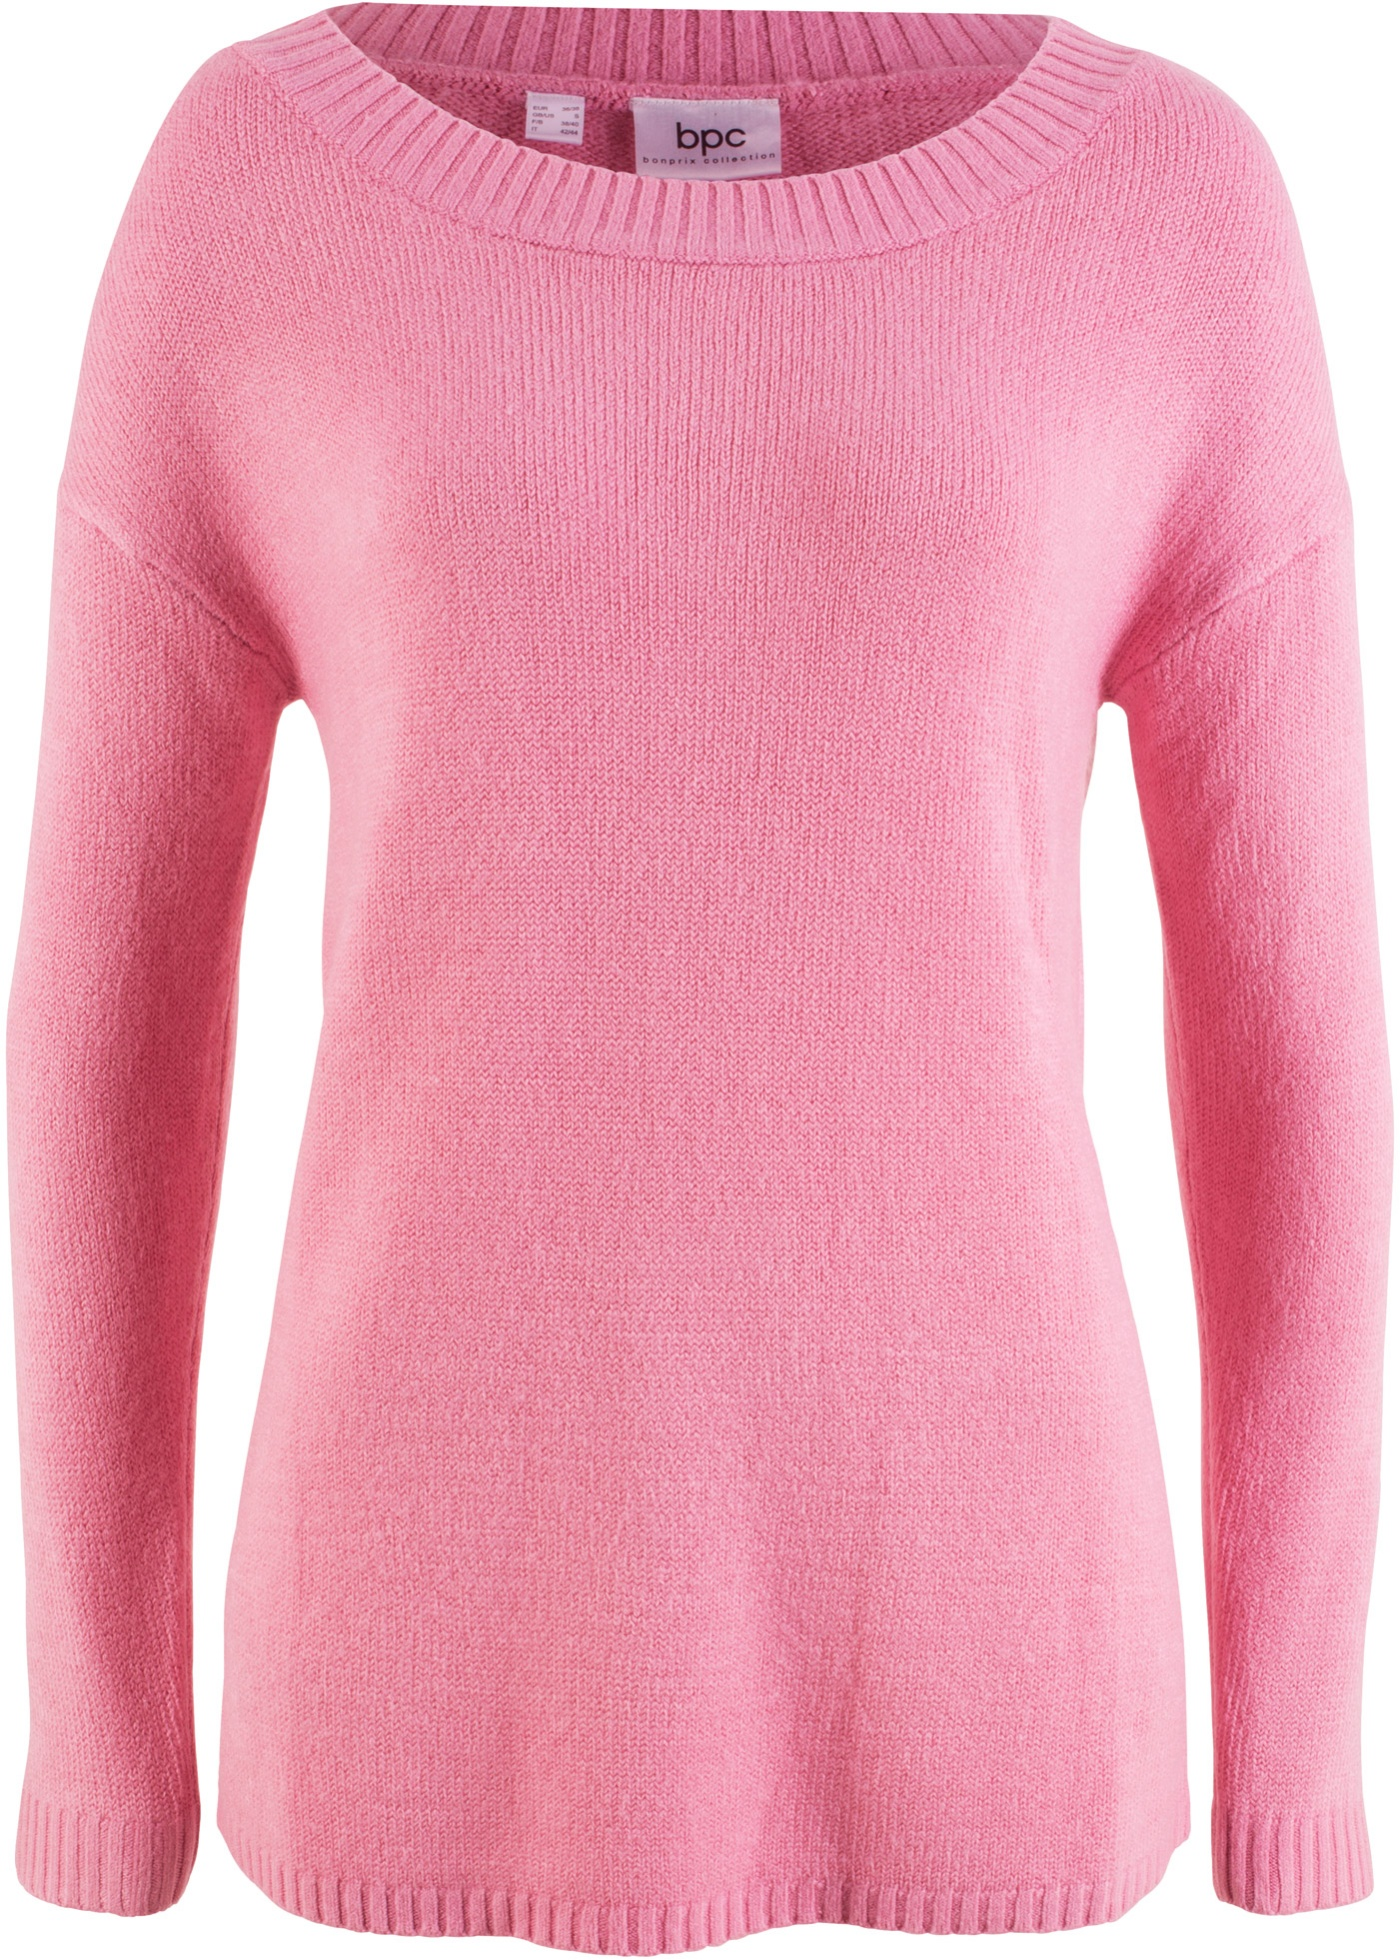 Pullover con scollo a barca (rosa) - bpc bonprix collection